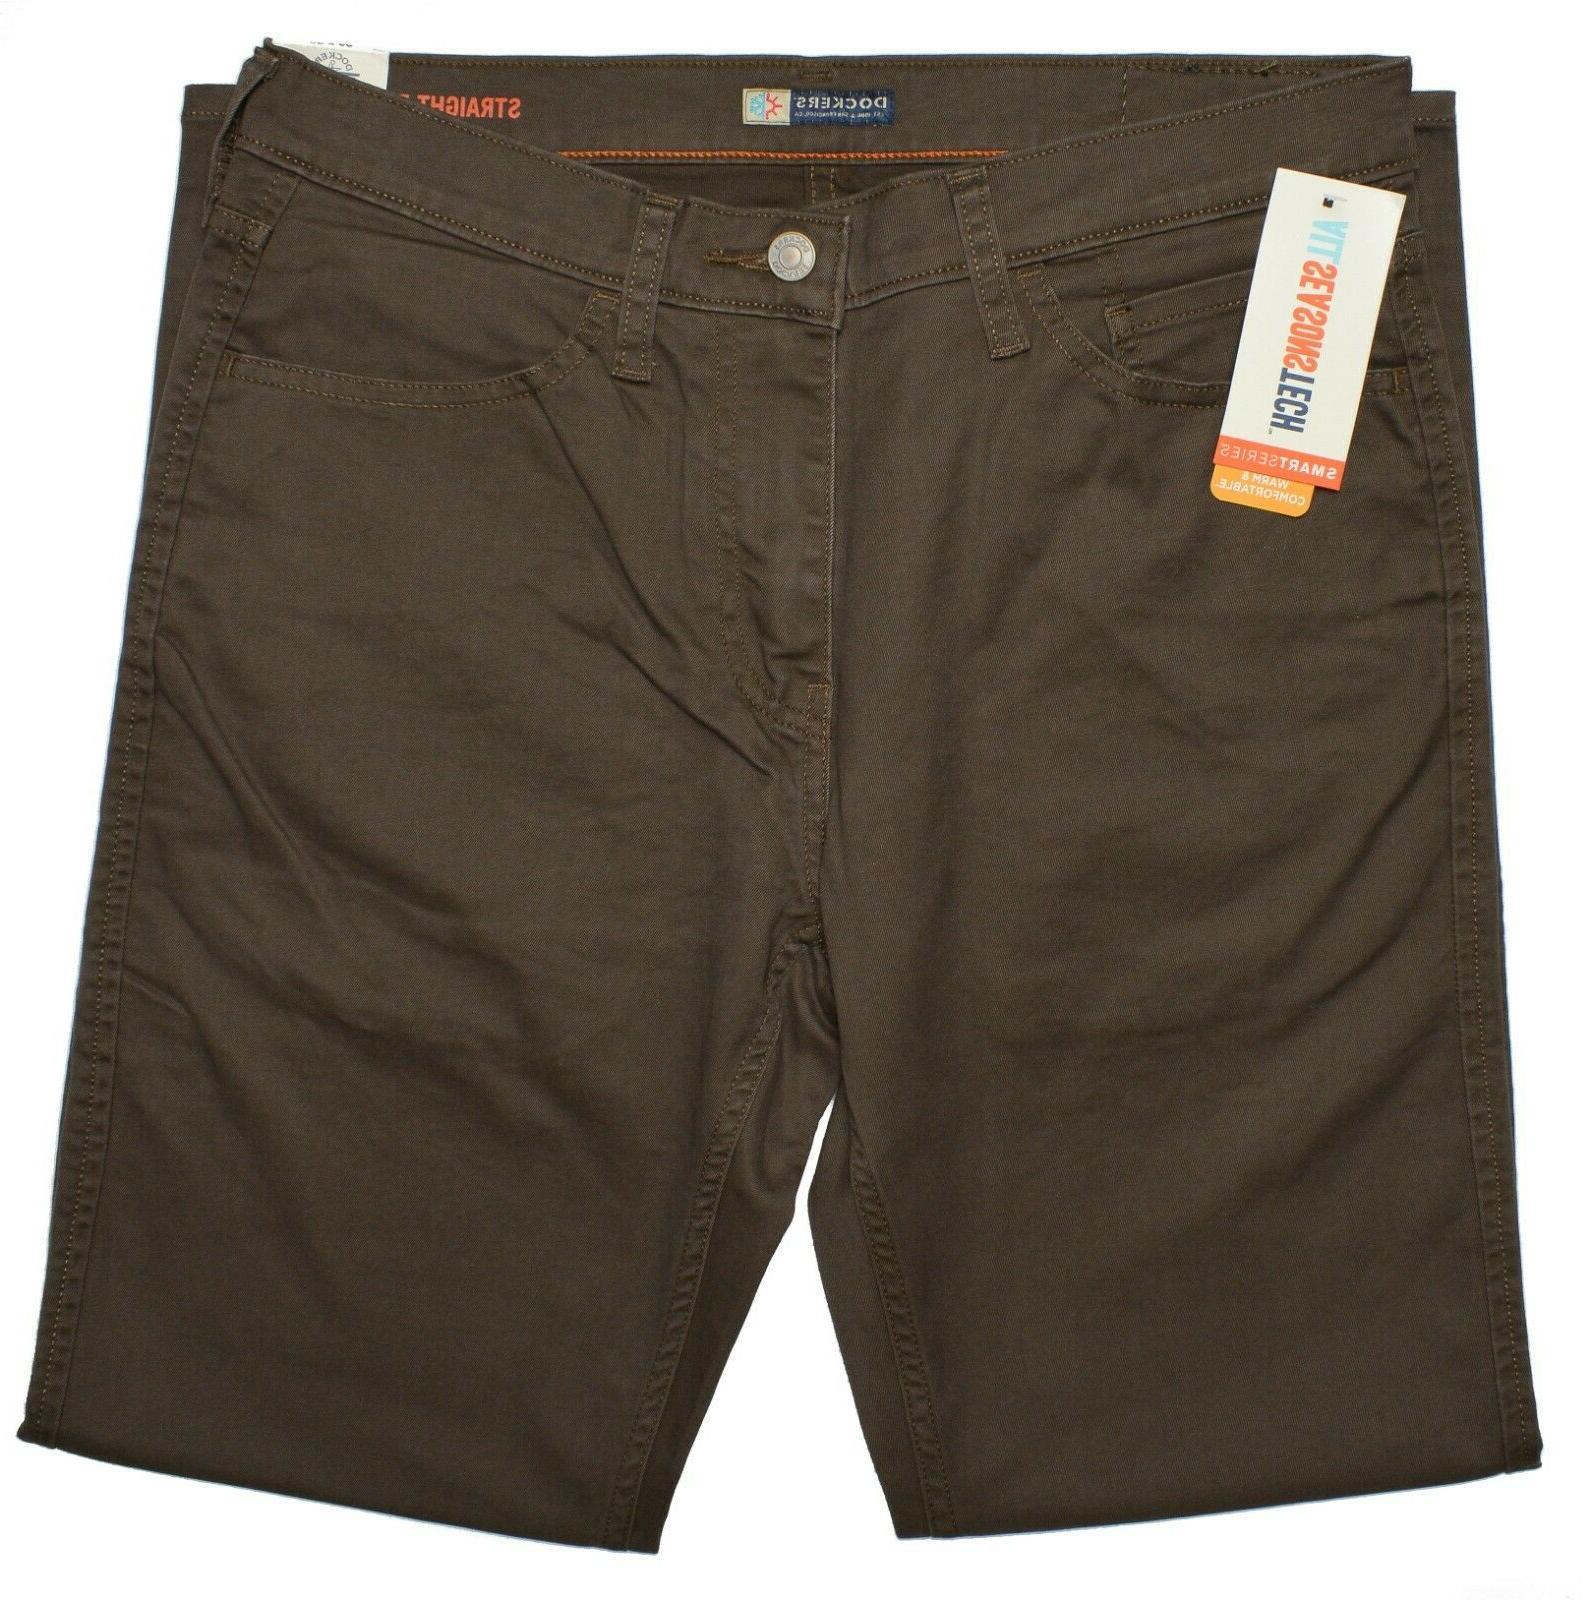 Dockers Straight Jean